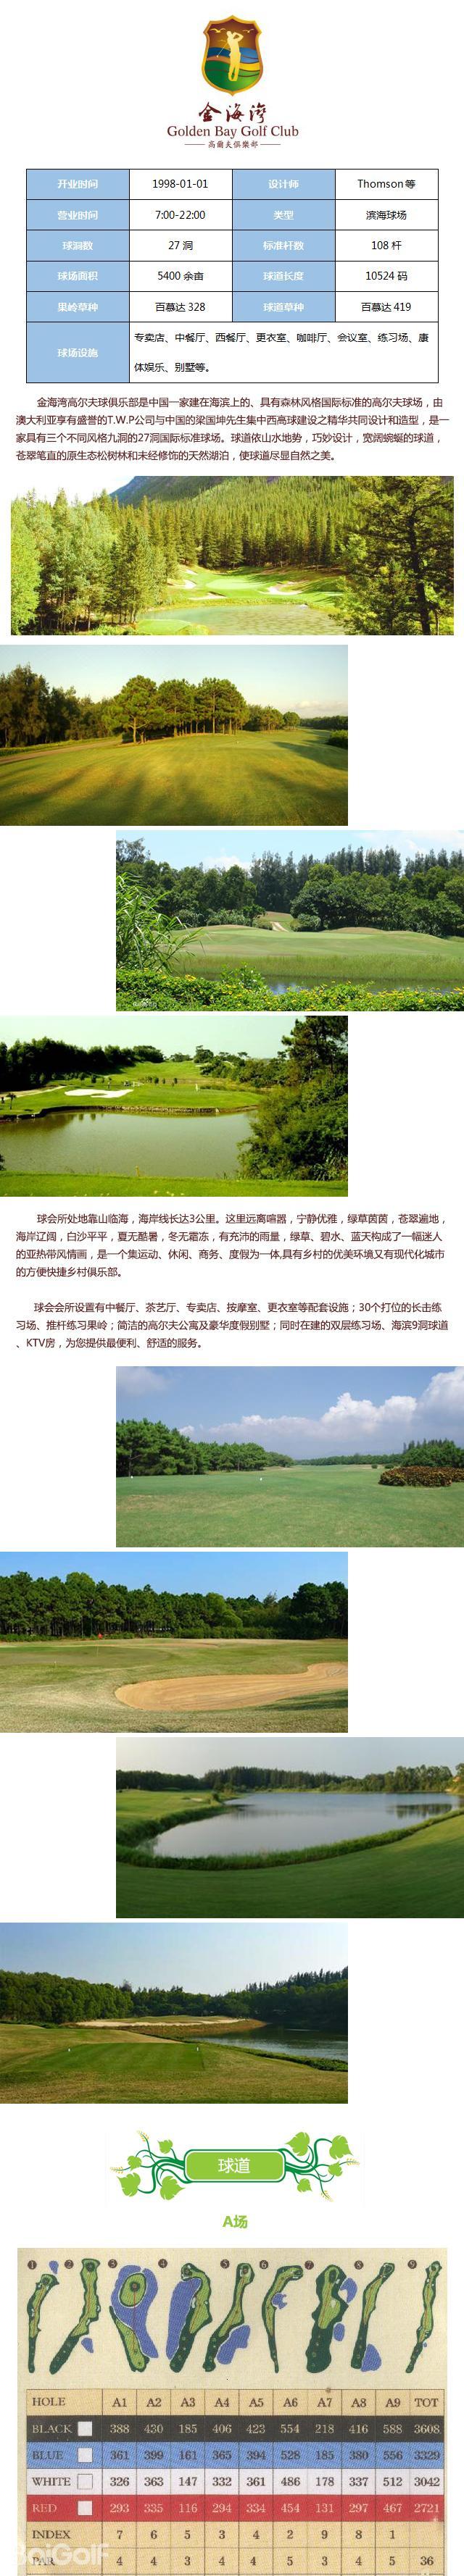 惠来金海湾高尔夫球场介绍